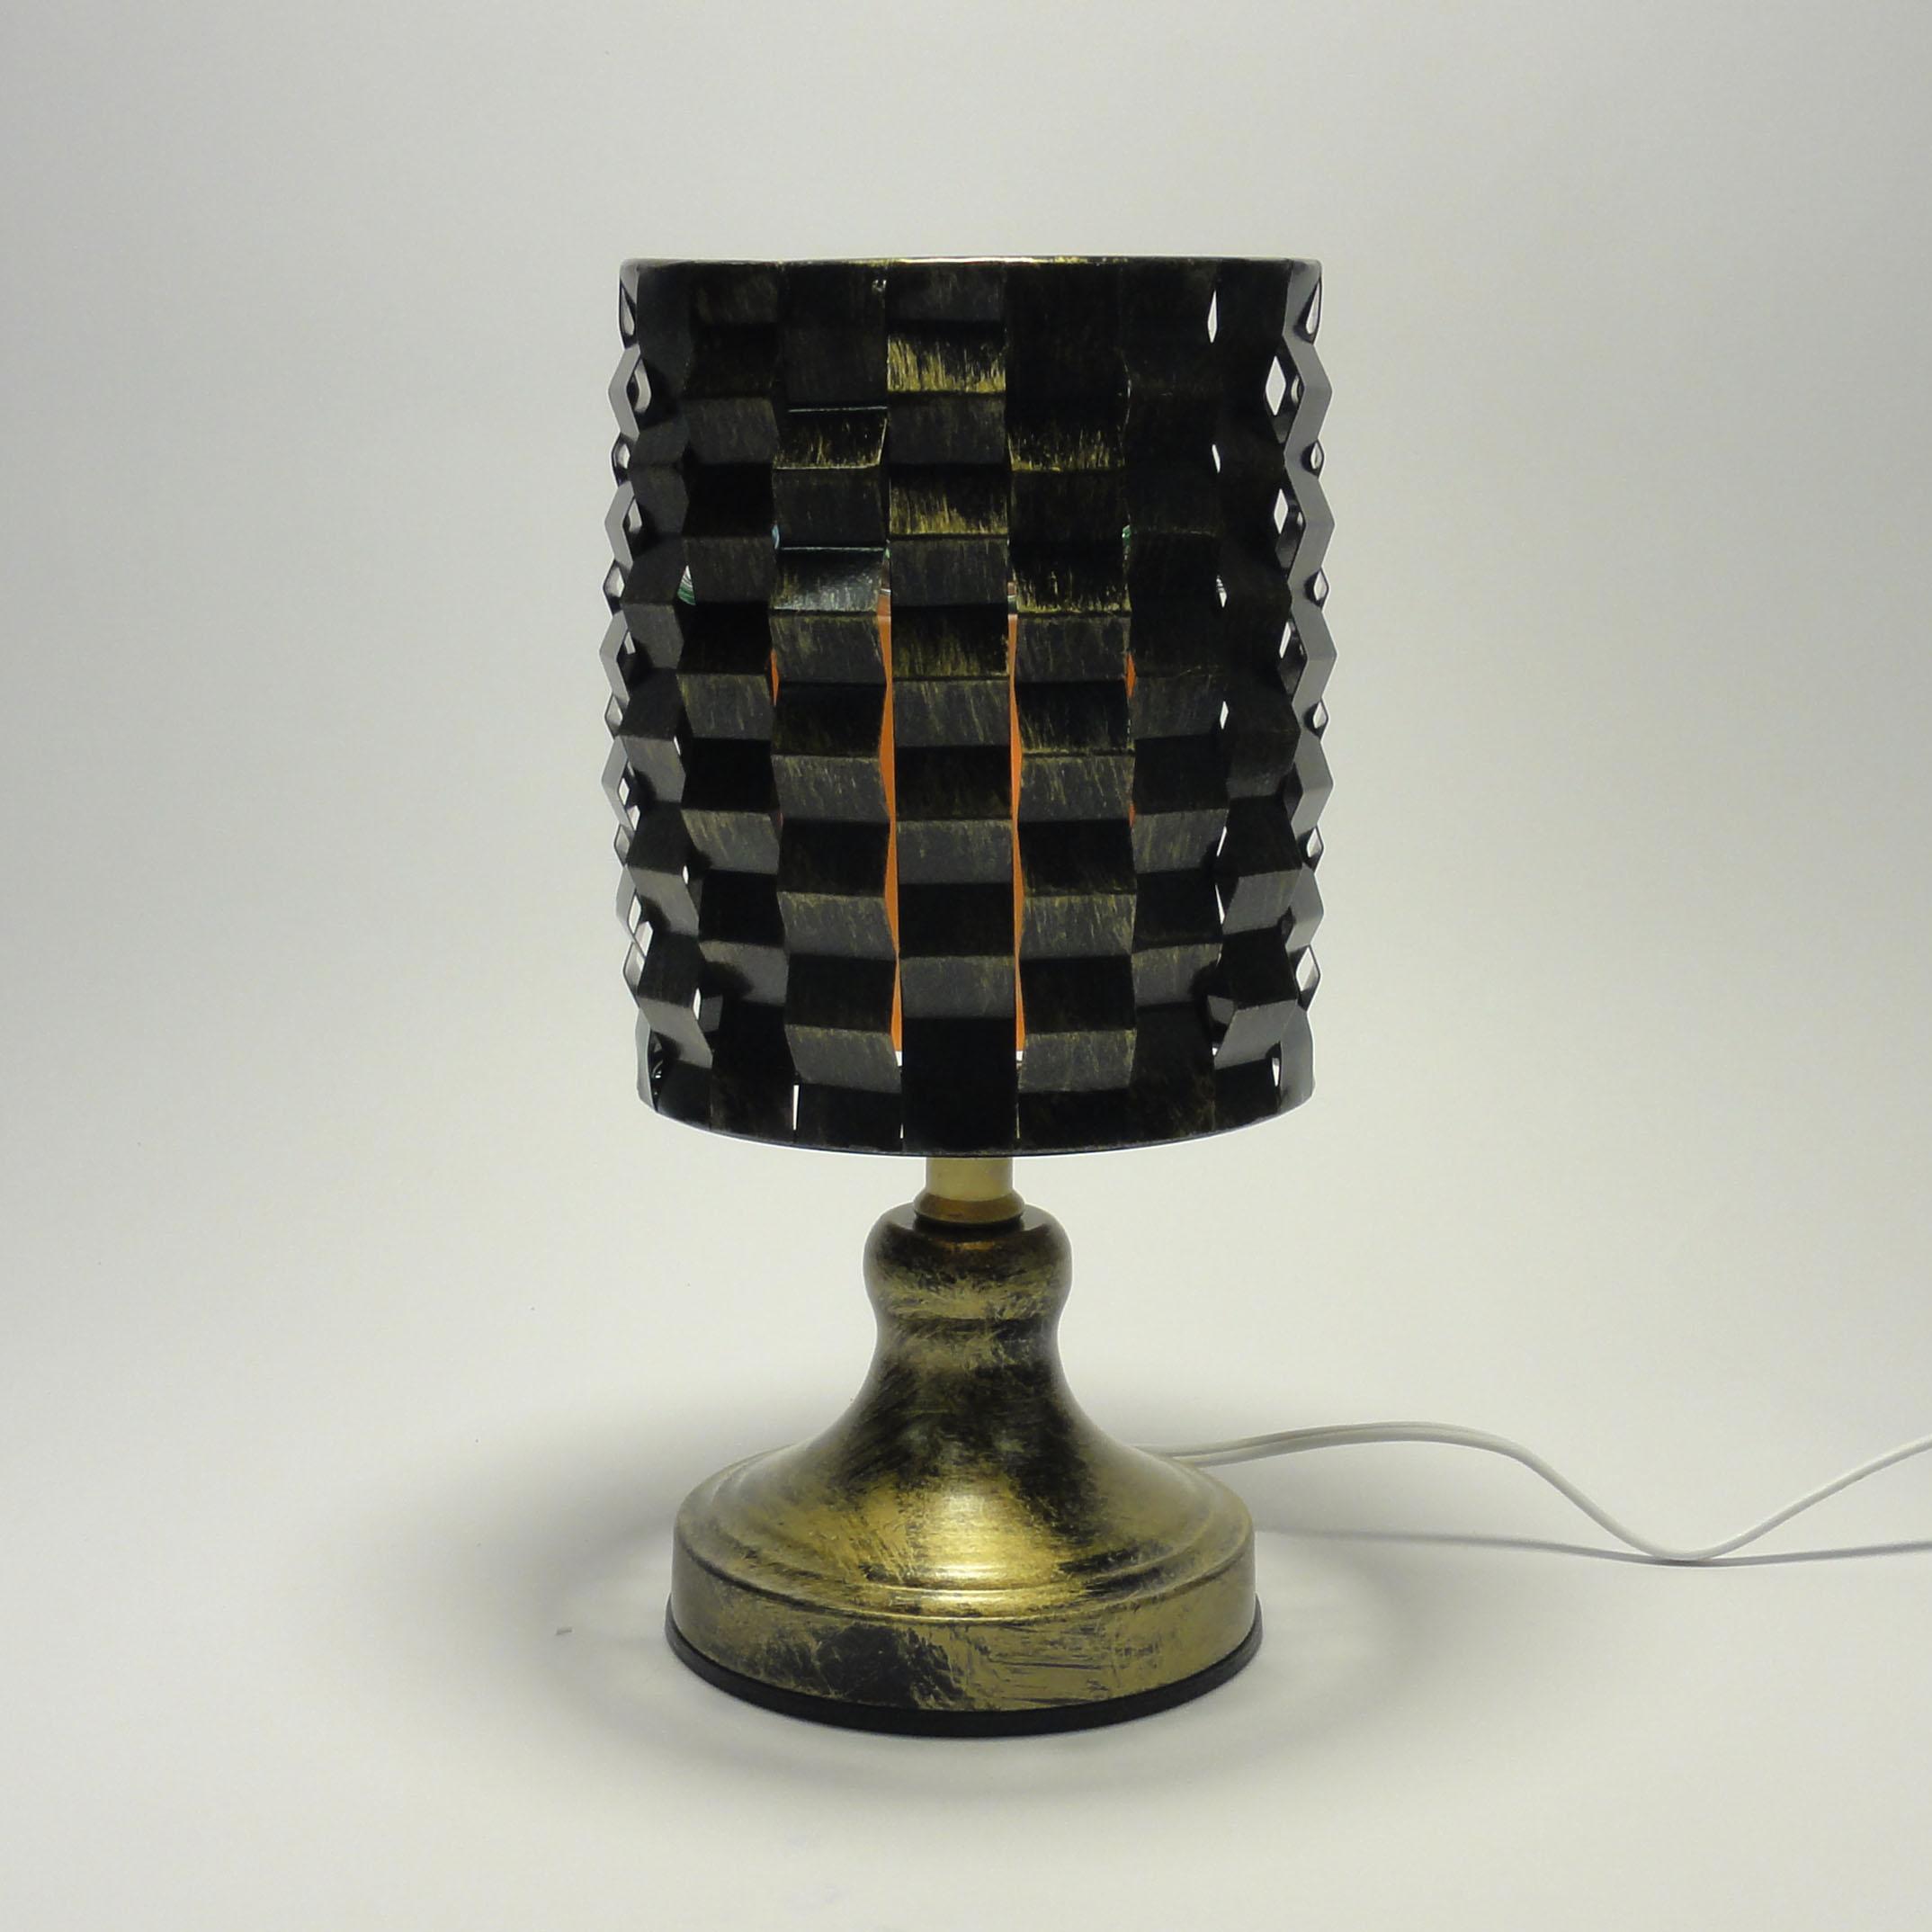 electrical oil warmer. Black Bedroom Furniture Sets. Home Design Ideas